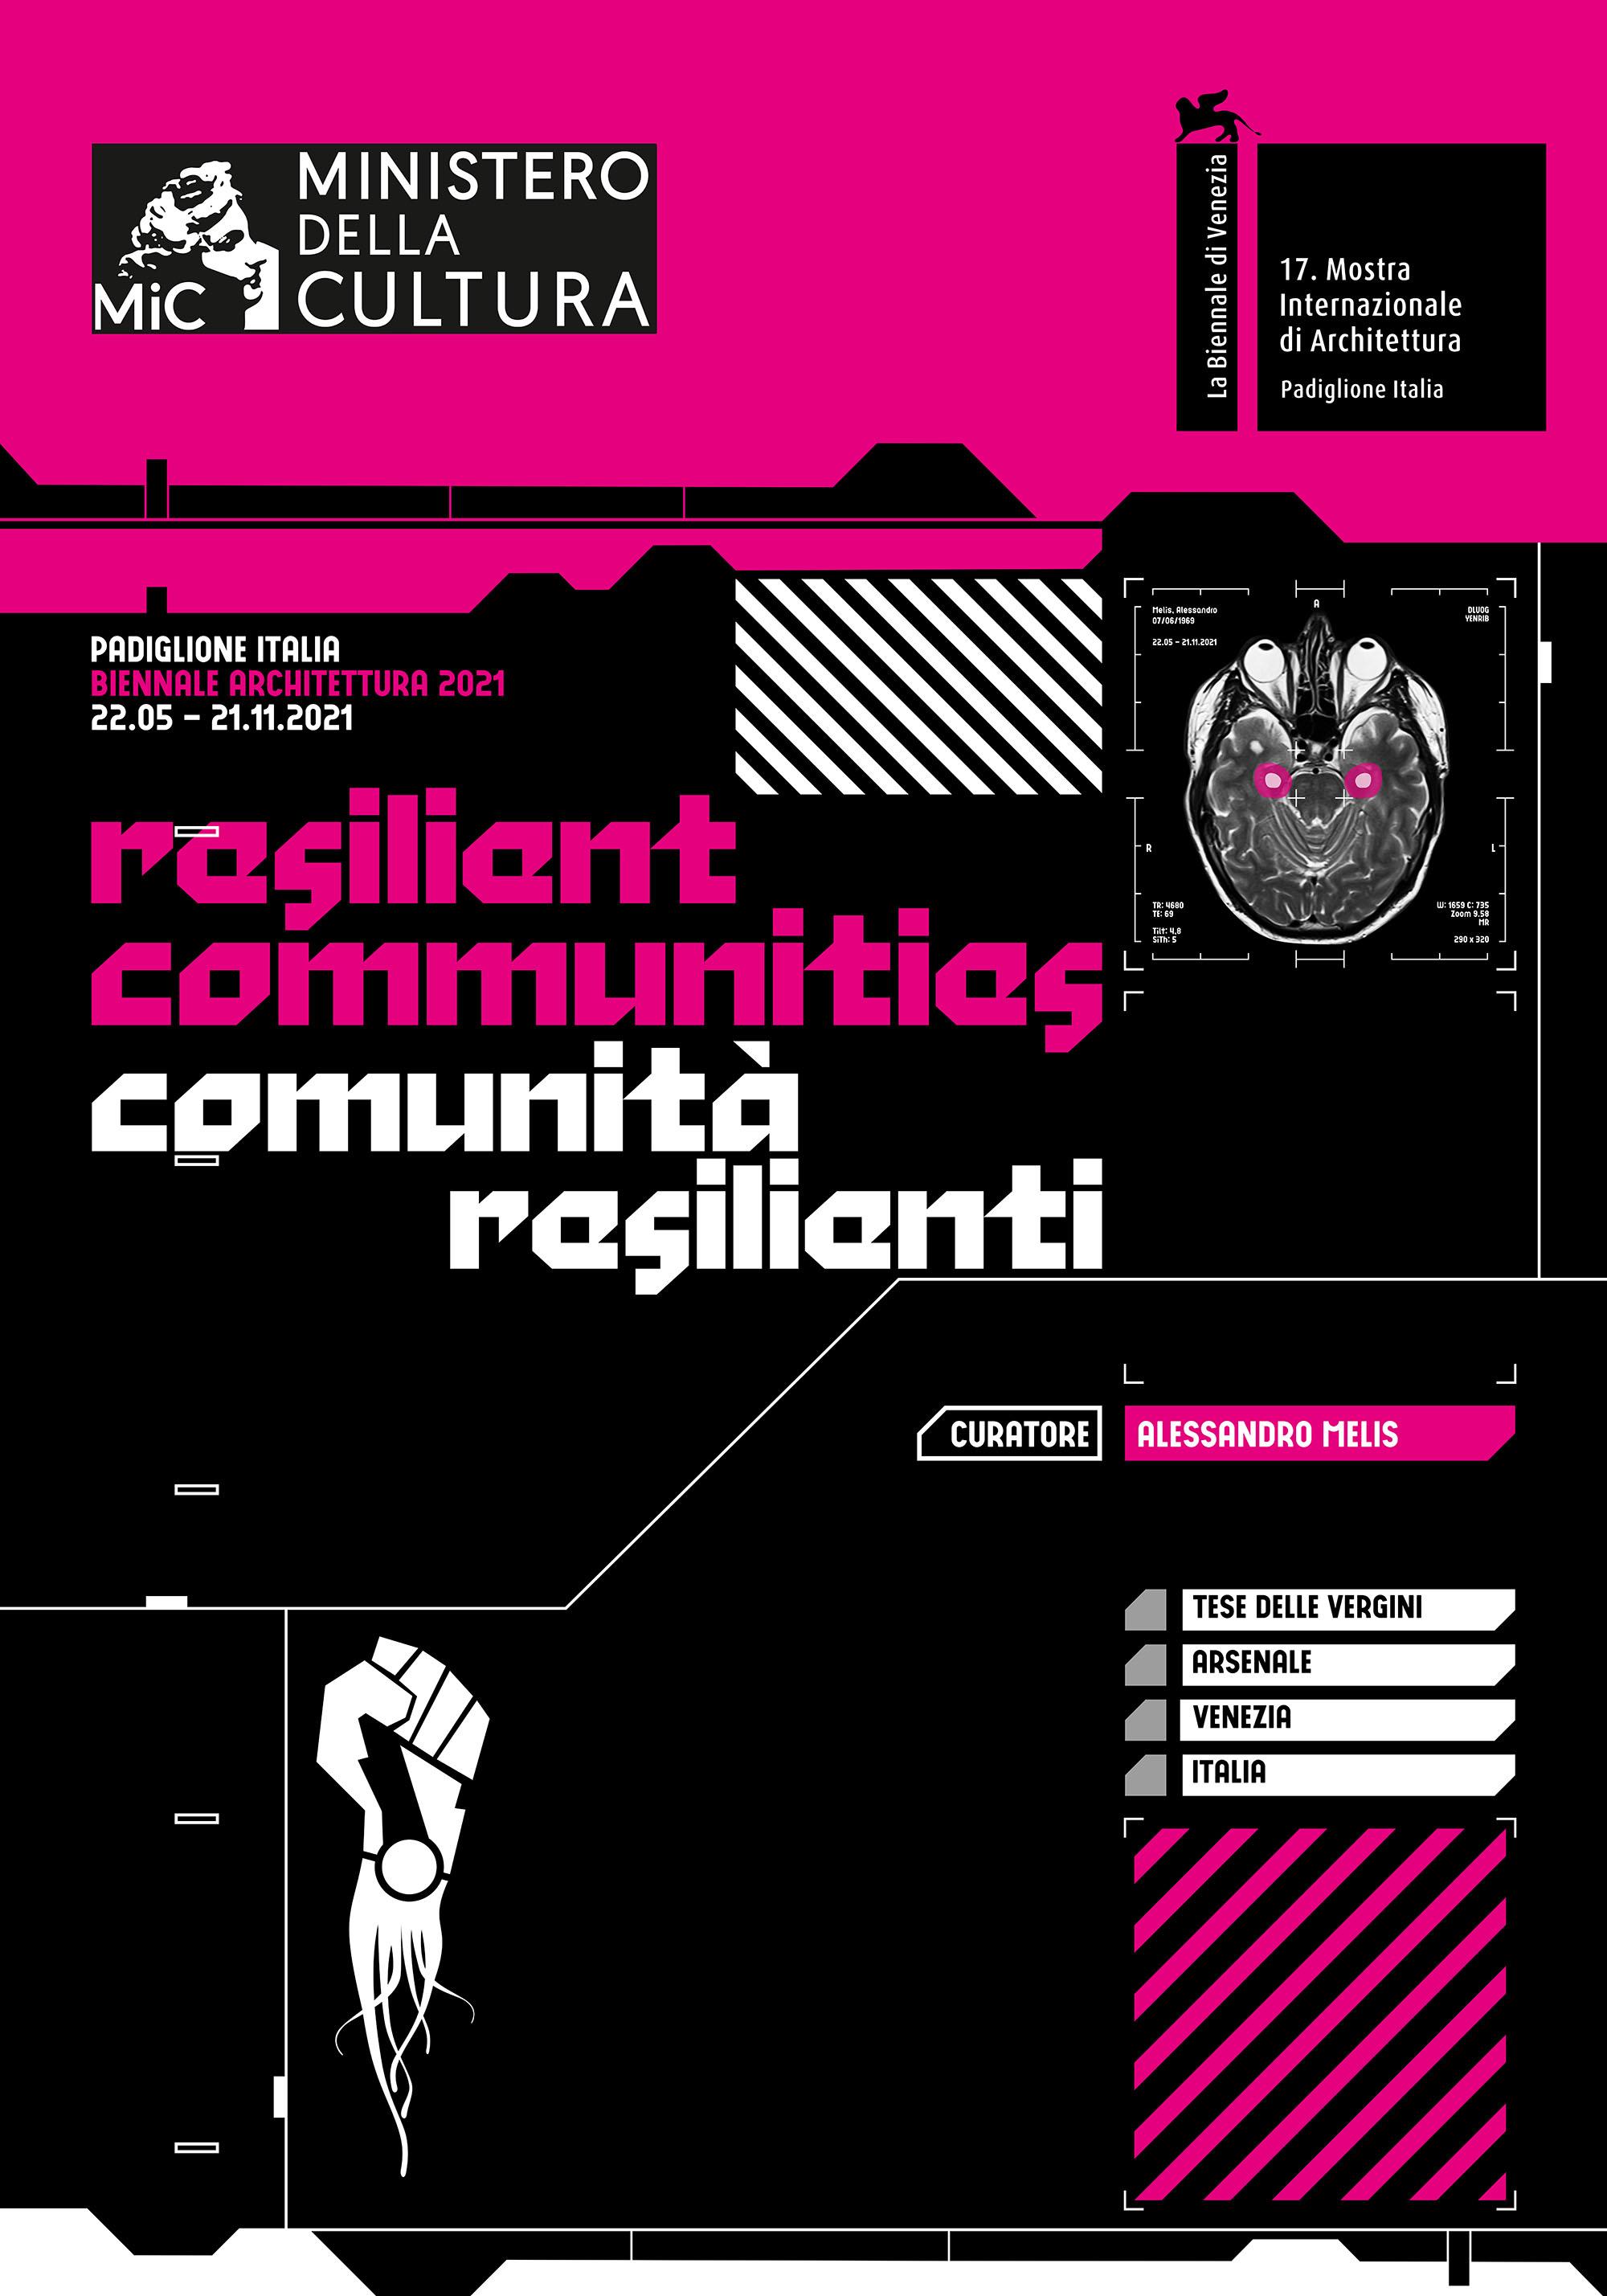 """Padiglione Italia. Manifesto ufficiale dell'esposizione """"Comunità Resilienti"""""""